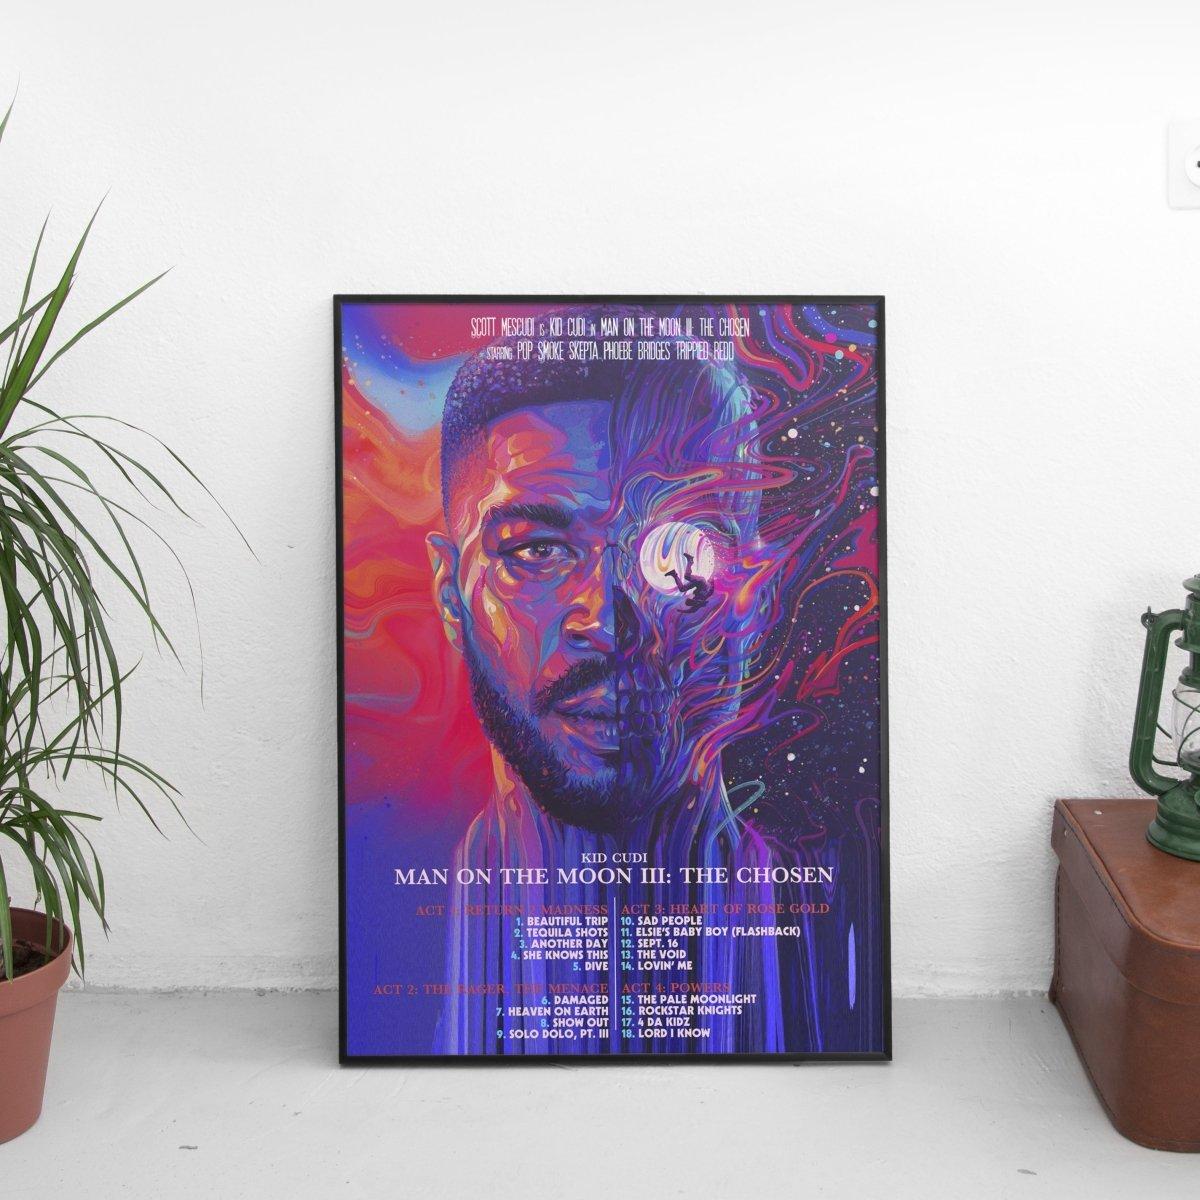 Kid Cudi - Man On The Moon III Tracklist Movie Poster